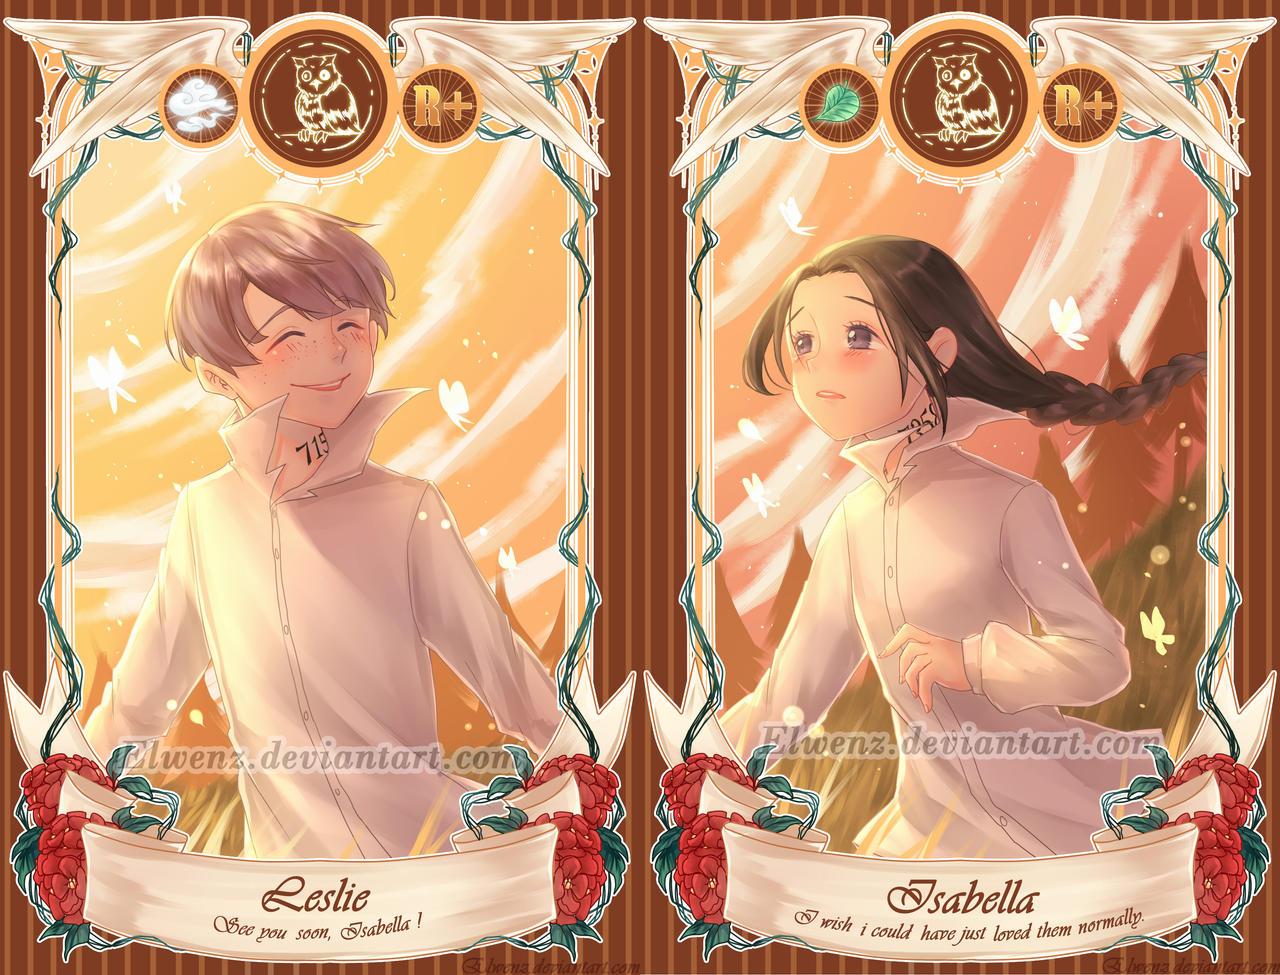 ThePromisedNeverland] Leslie x Isabella [Card V ] by Elwenz